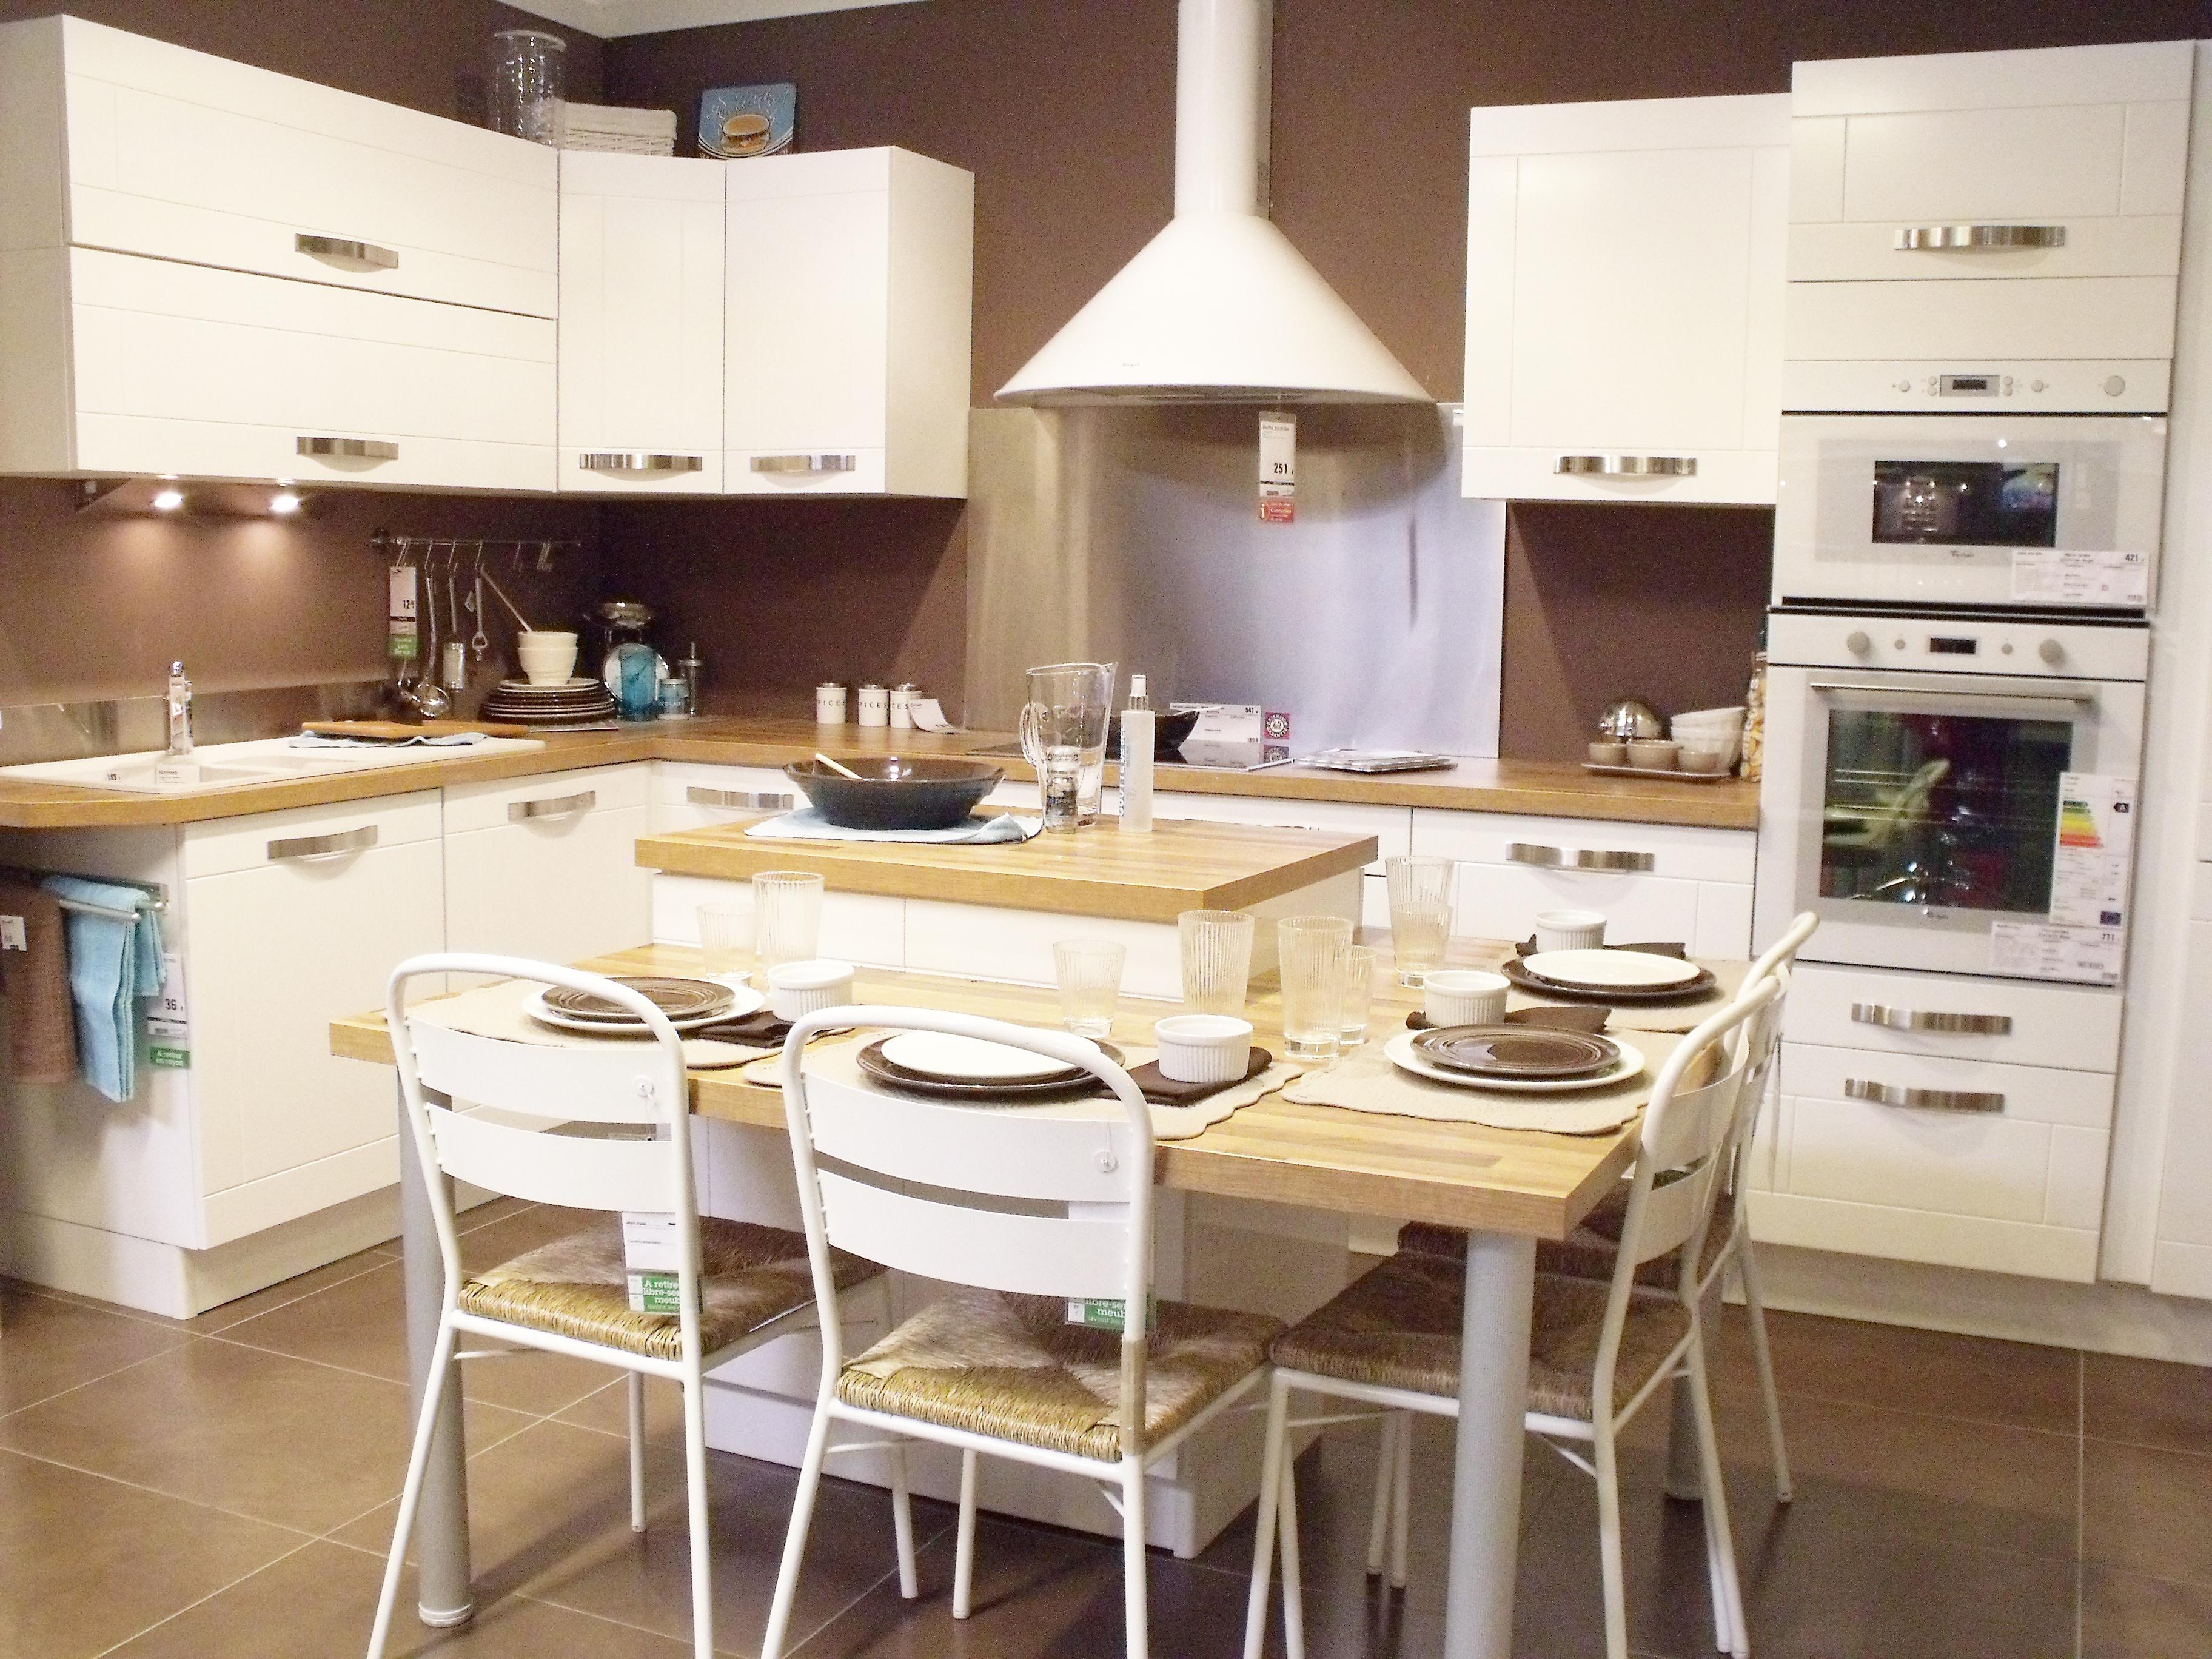 D coration d une cuisine r tro for Plaque deco cuisine retro